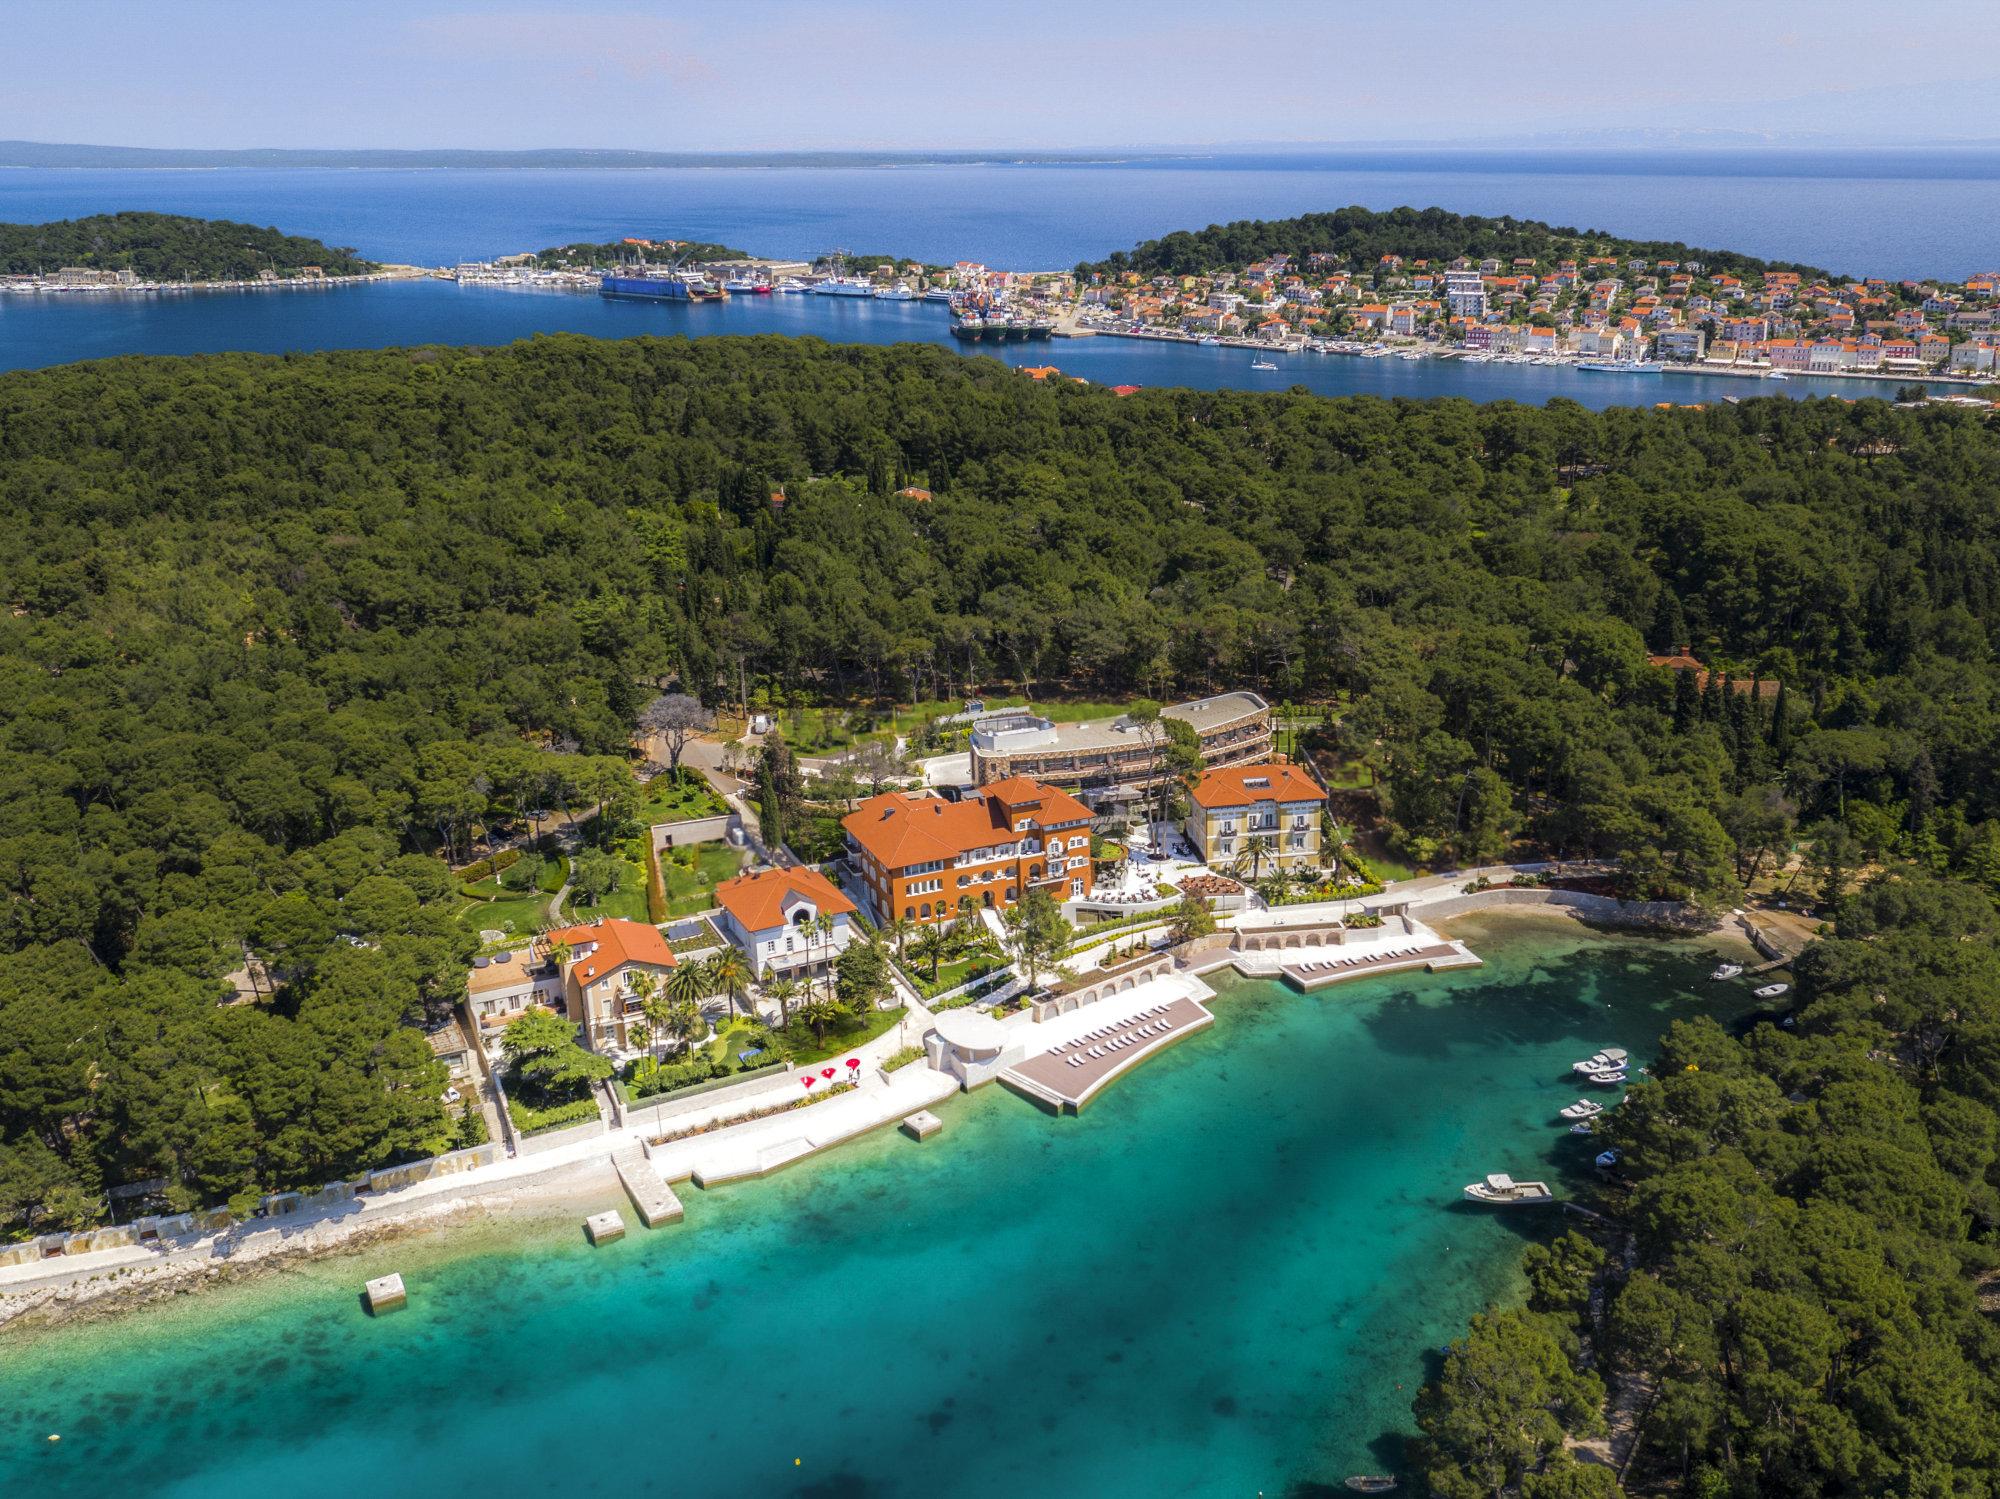 Turizmoteka - Turistički news portal - Vijesti iz turizma